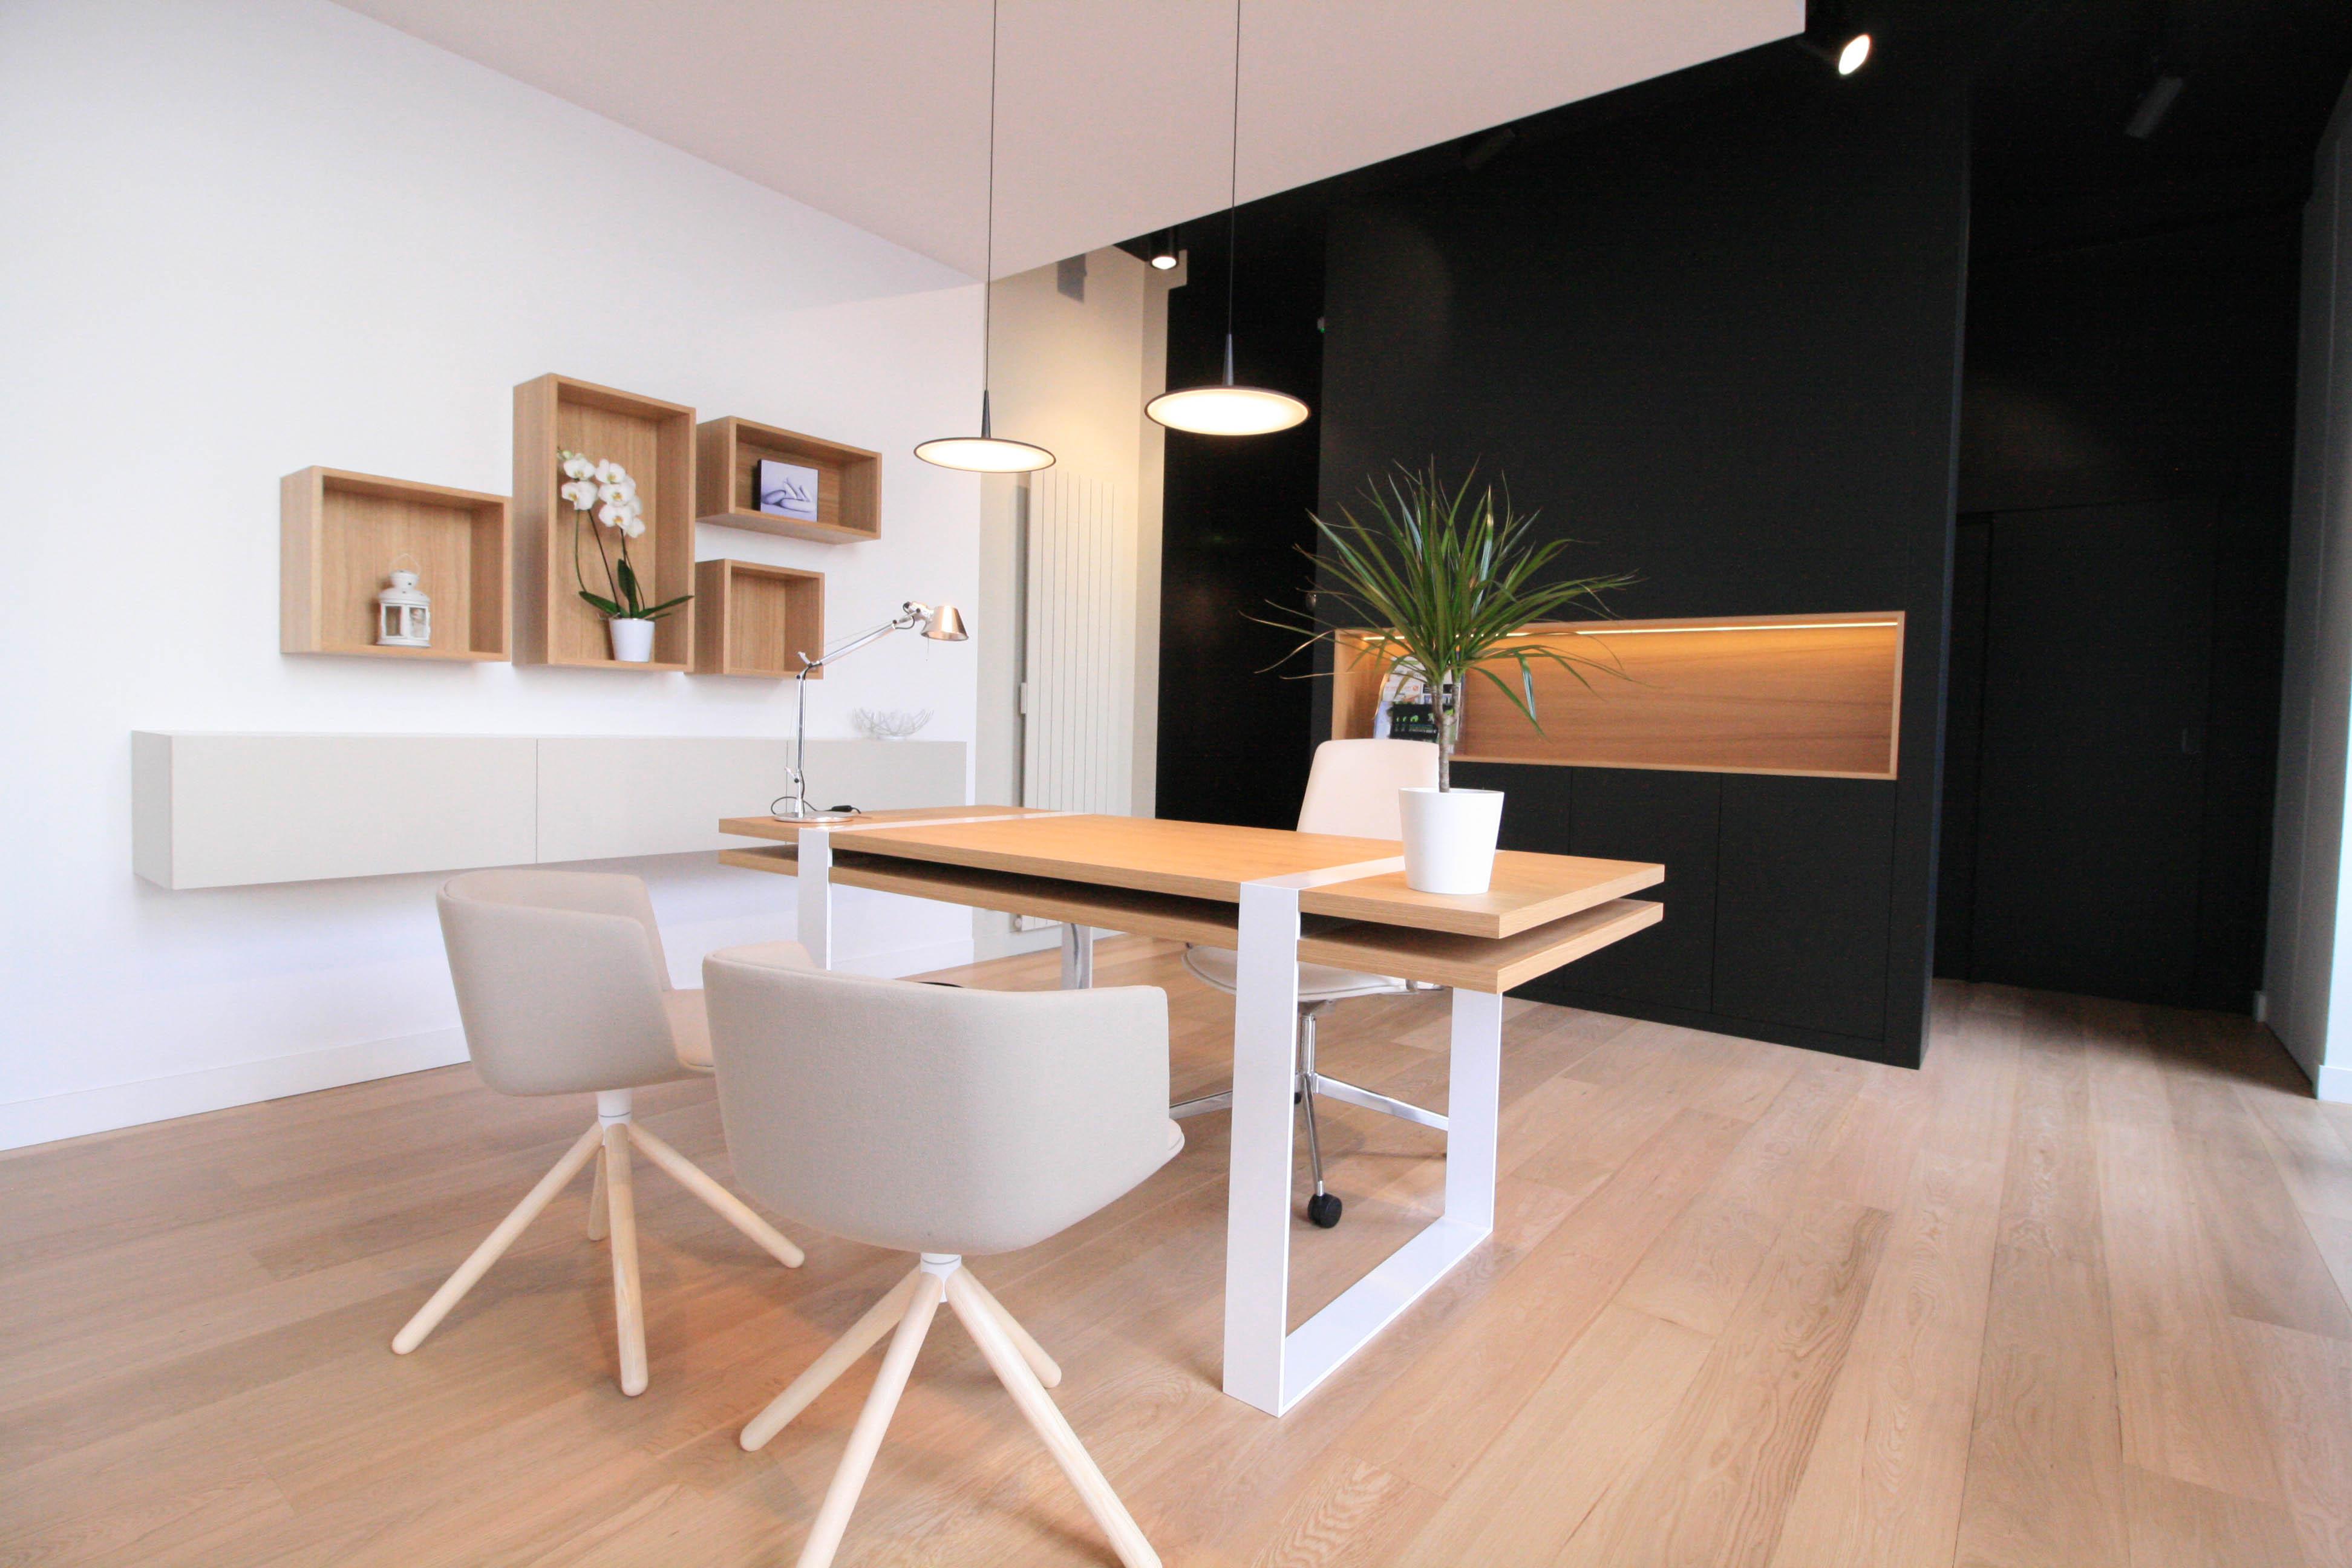 c design architecture d 39 int rieur et ma trise d 39 oeuvre. Black Bedroom Furniture Sets. Home Design Ideas